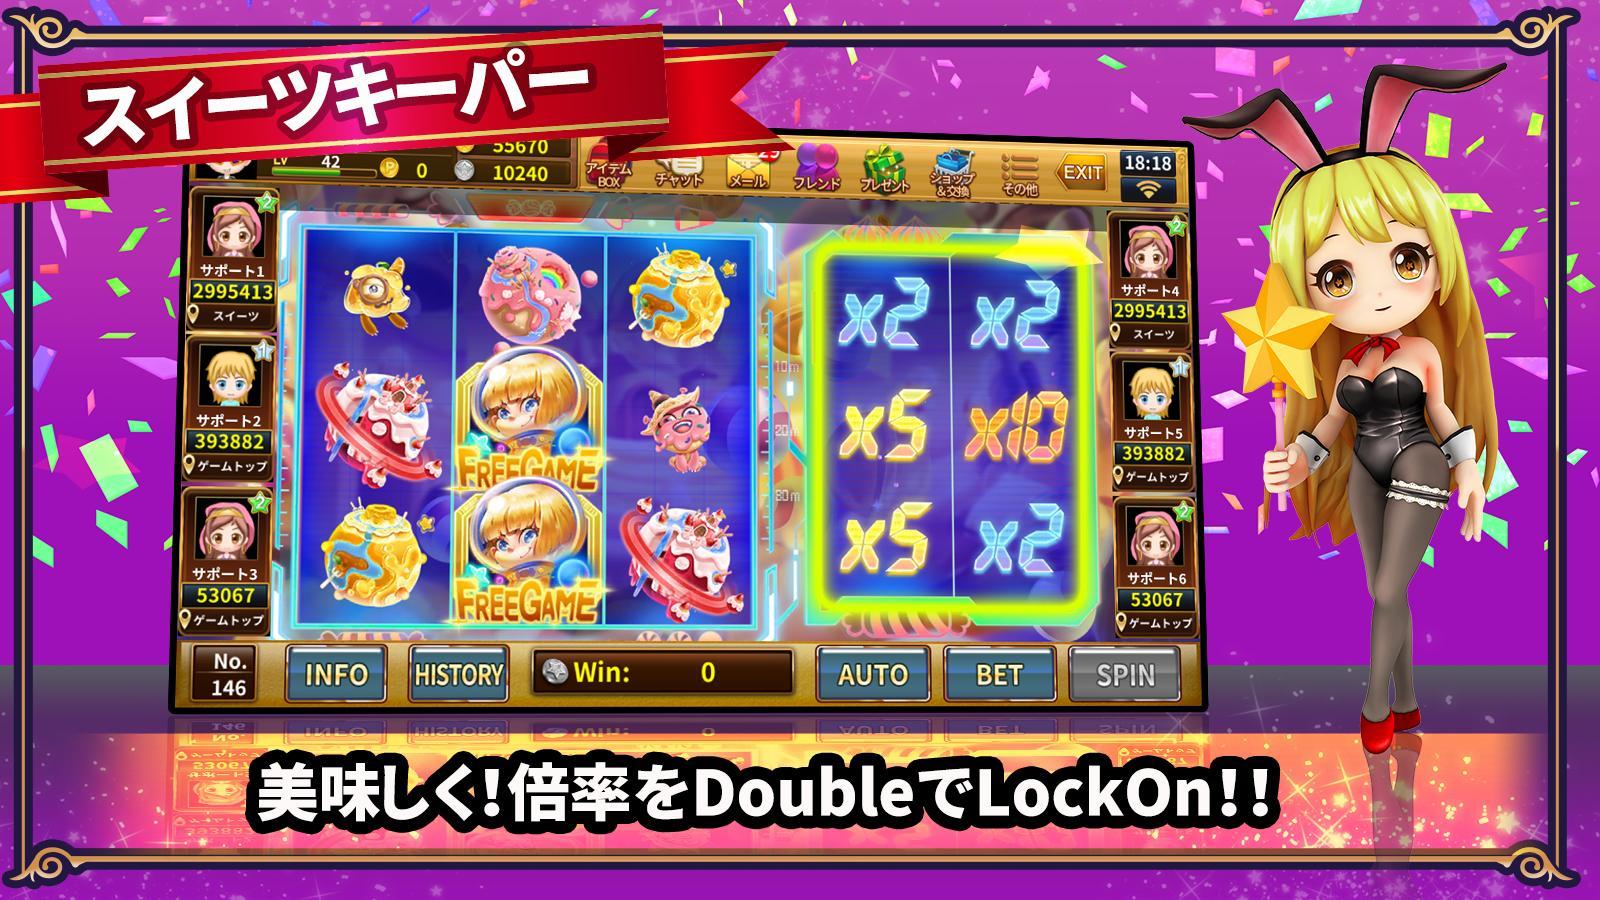 カジノ王国~無料カジノスロットゲーム~ 2.0 Screenshot 3